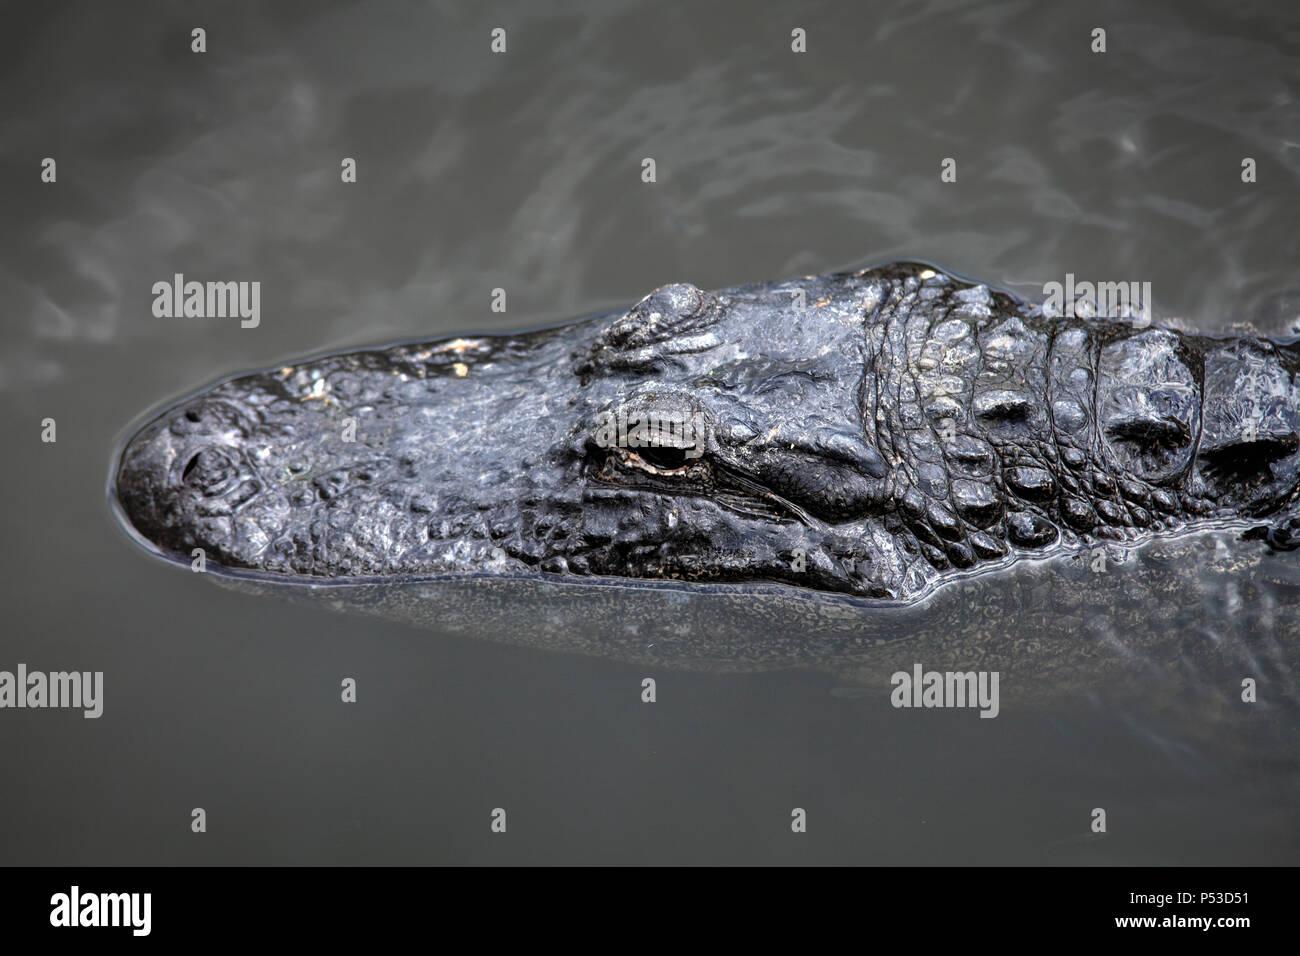 Immagine ravvicinata di alligatore galleggiante sull'acqua Immagini Stock